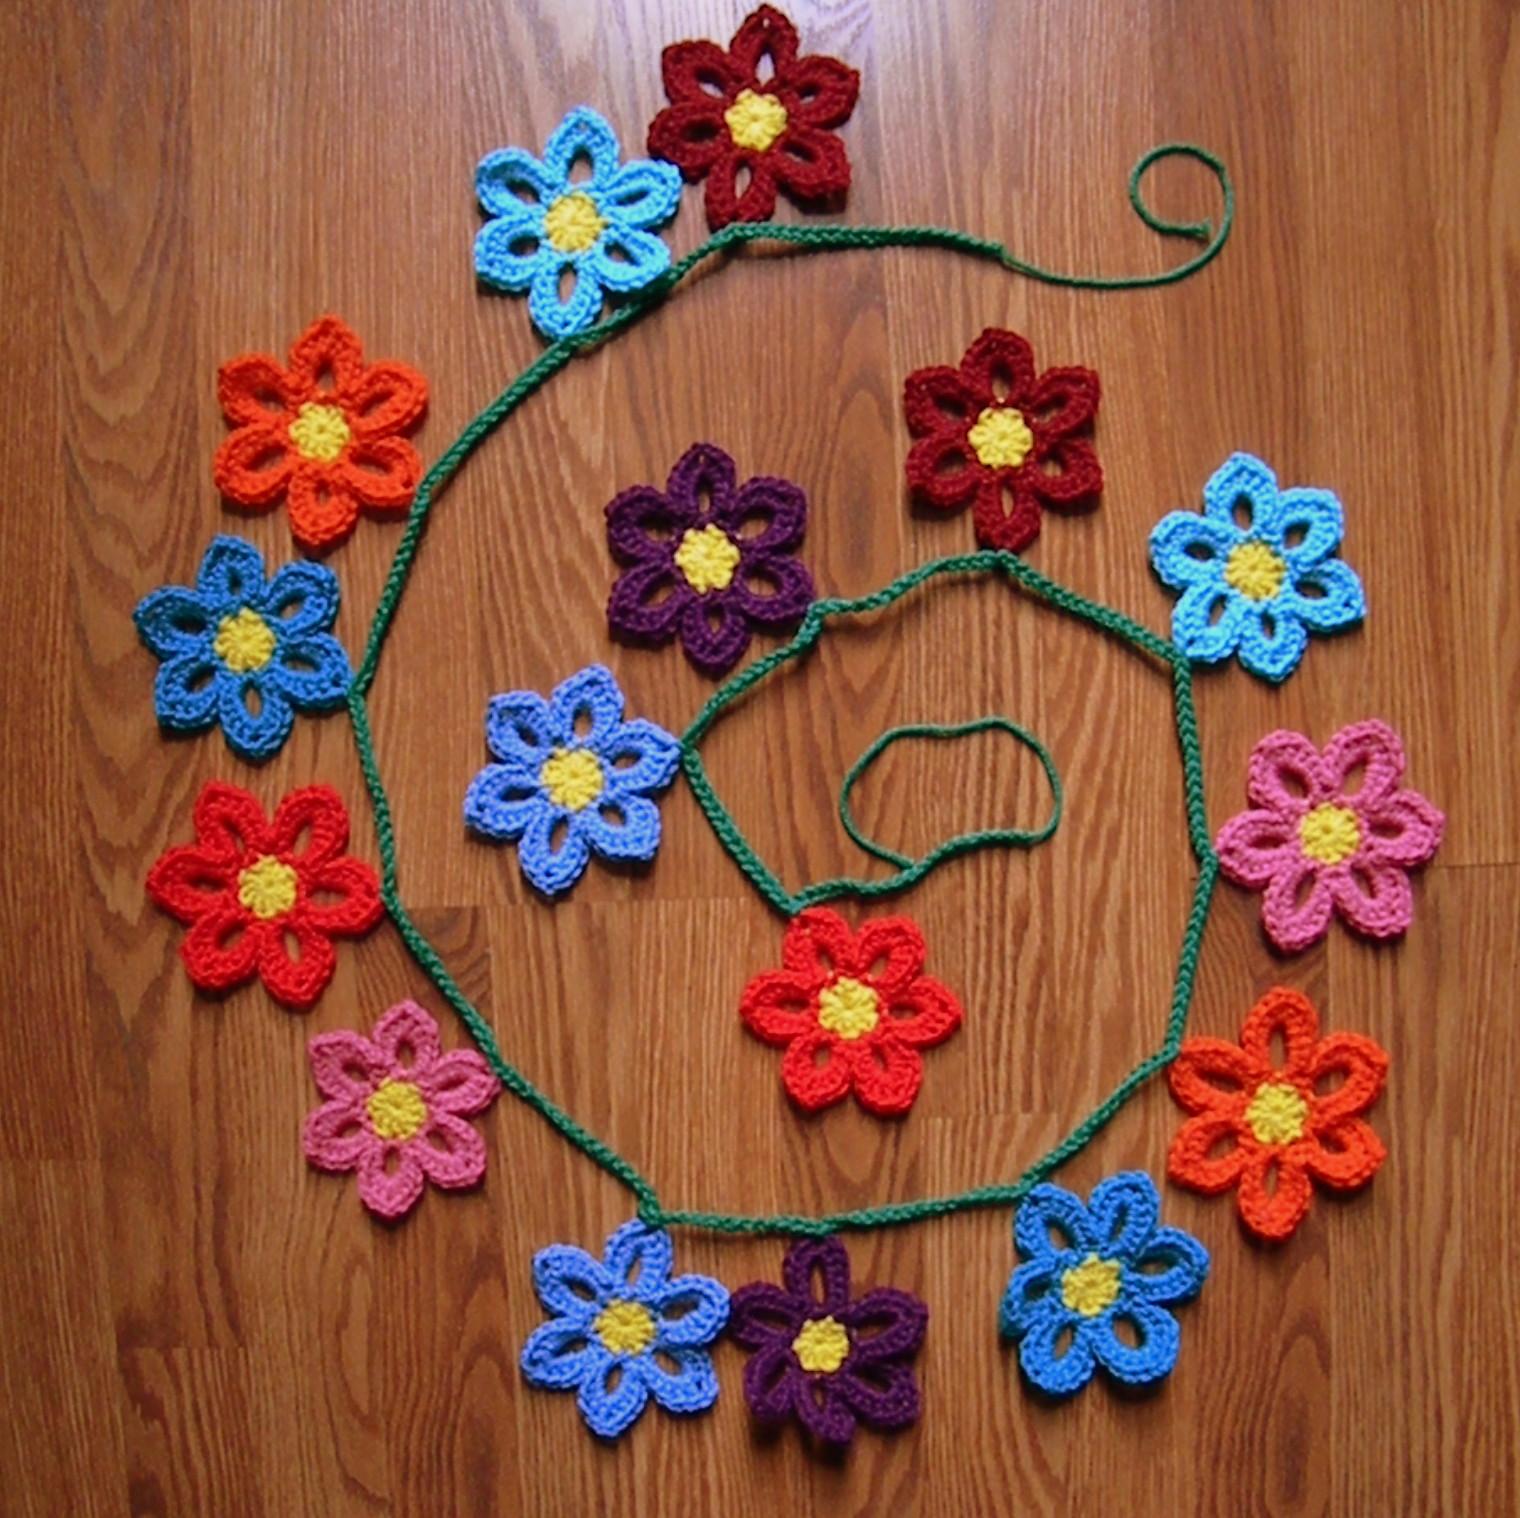 Flower Garland: A Hermit's Wish: Crochet Spring Flower Garland Pattern